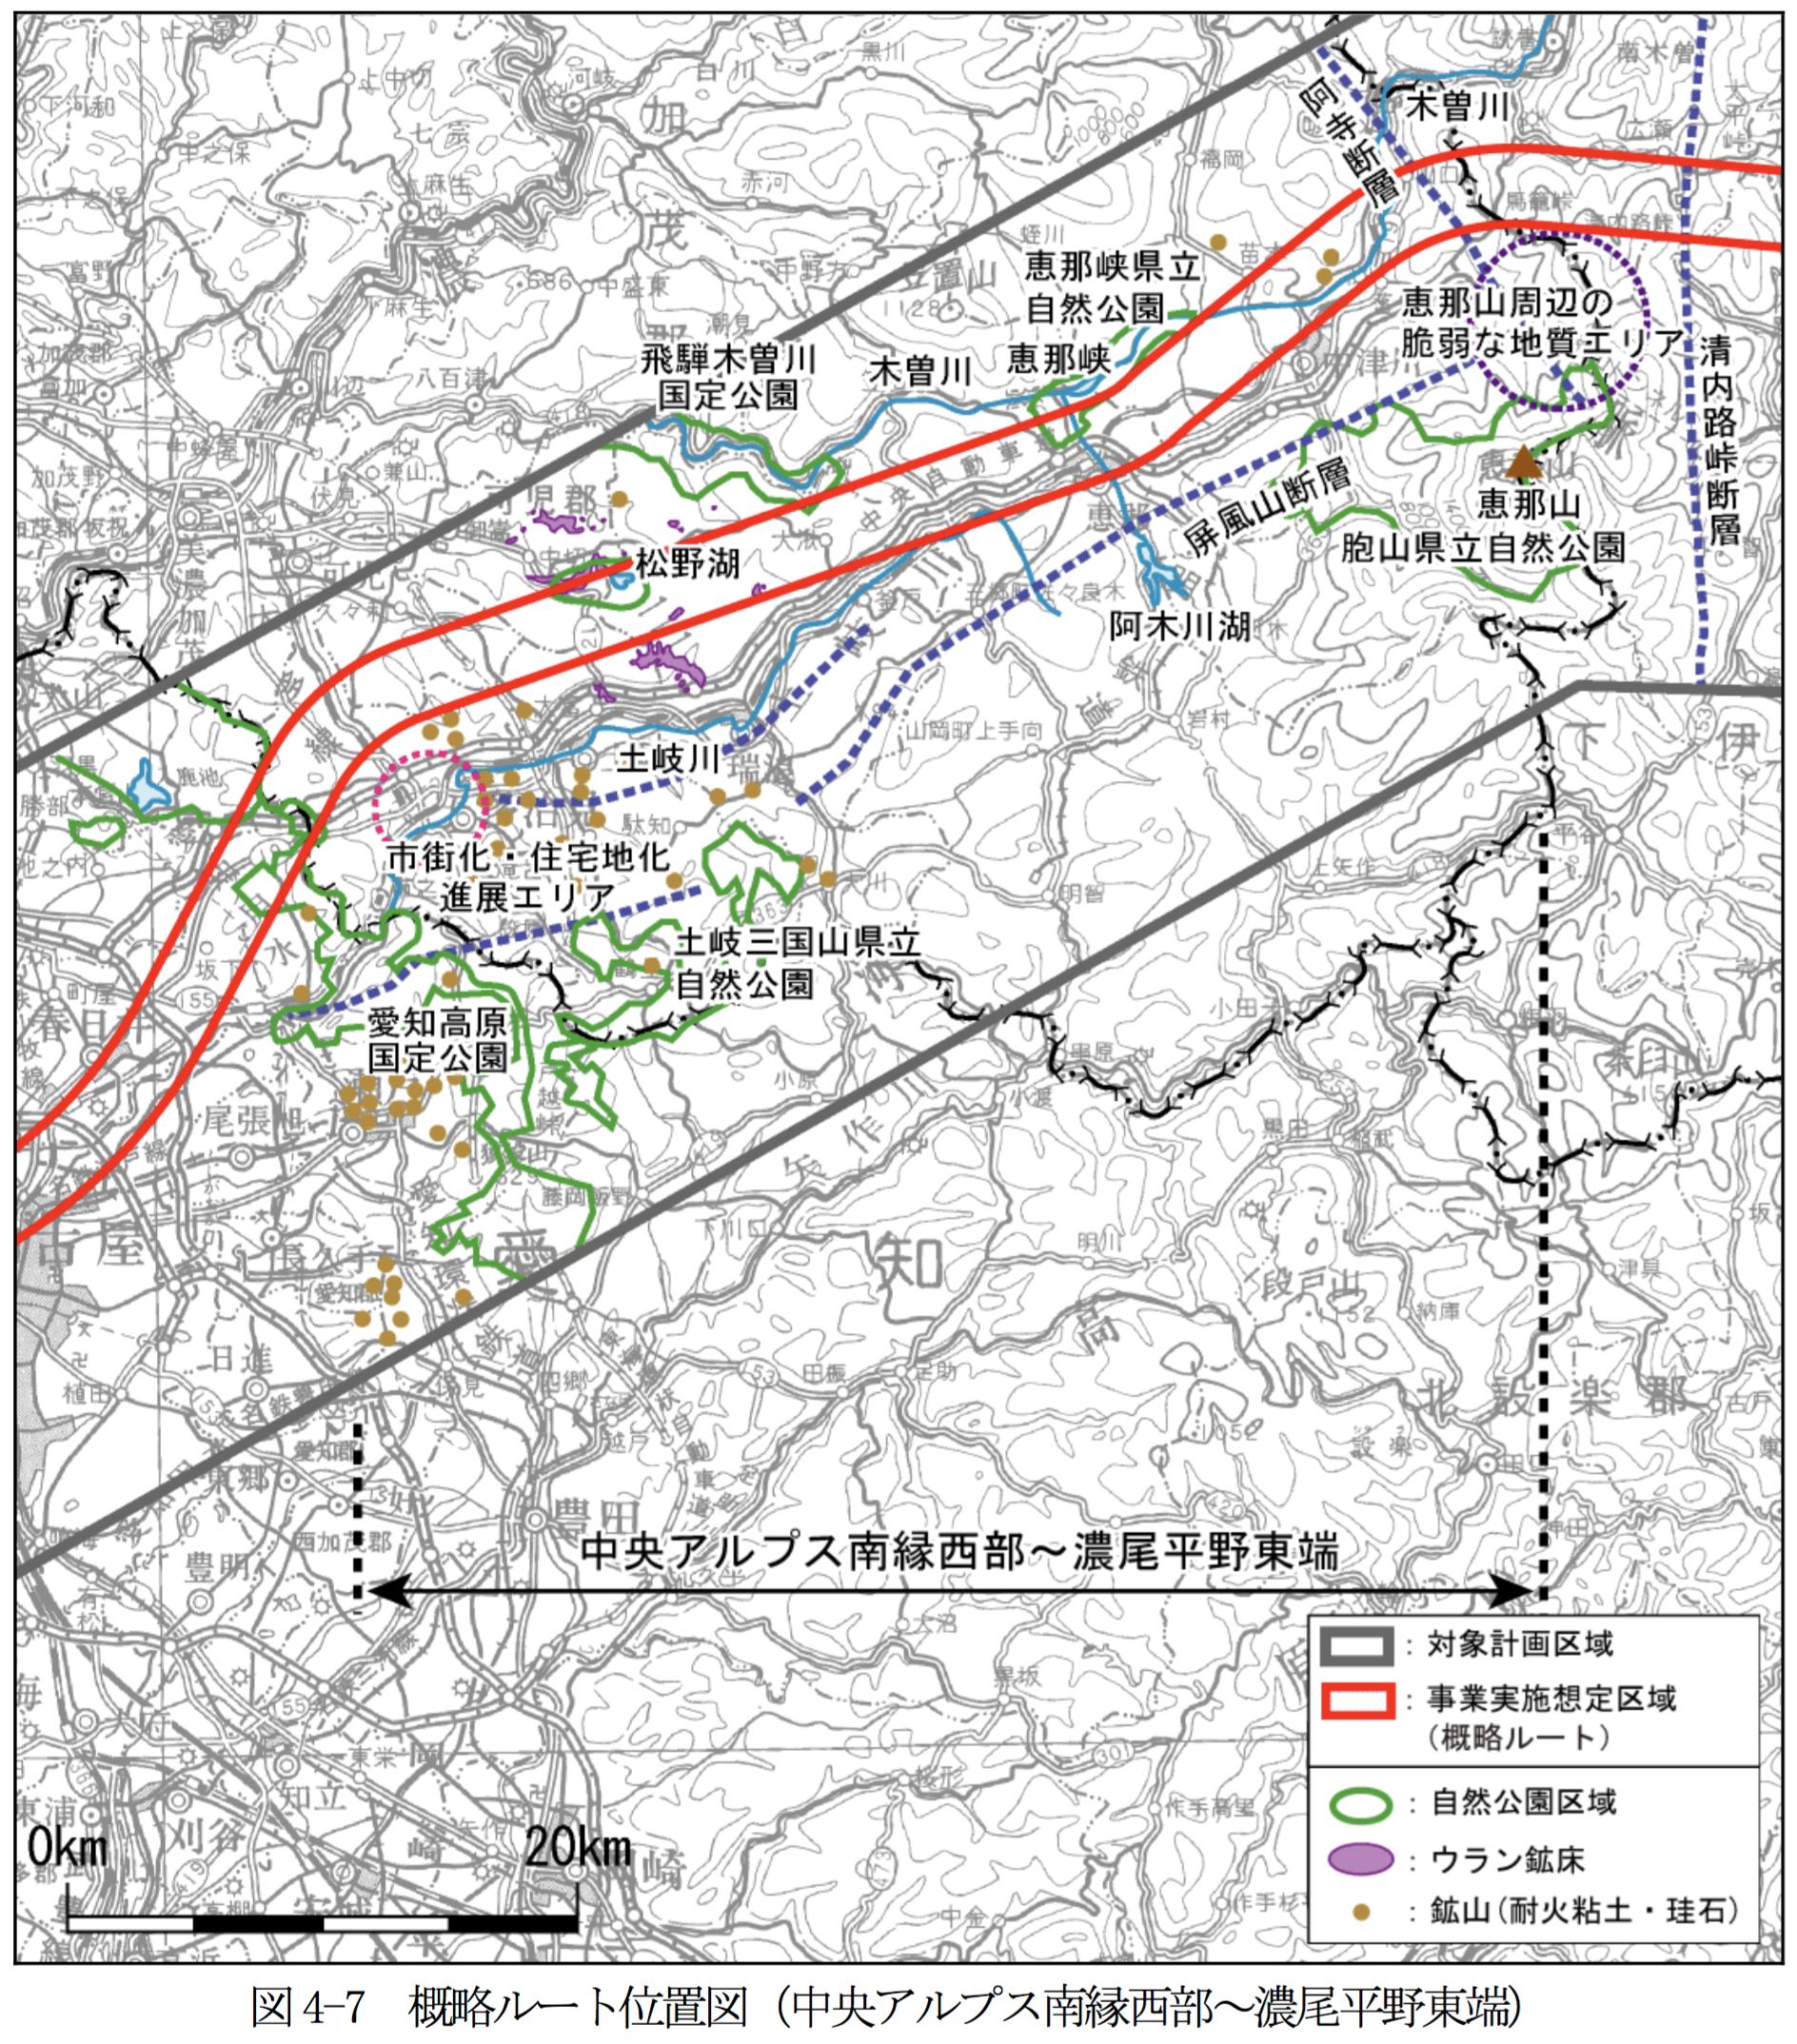 図4-7 概略ルート位置図(中央アルプス南縁西部~濃尾平野東端)